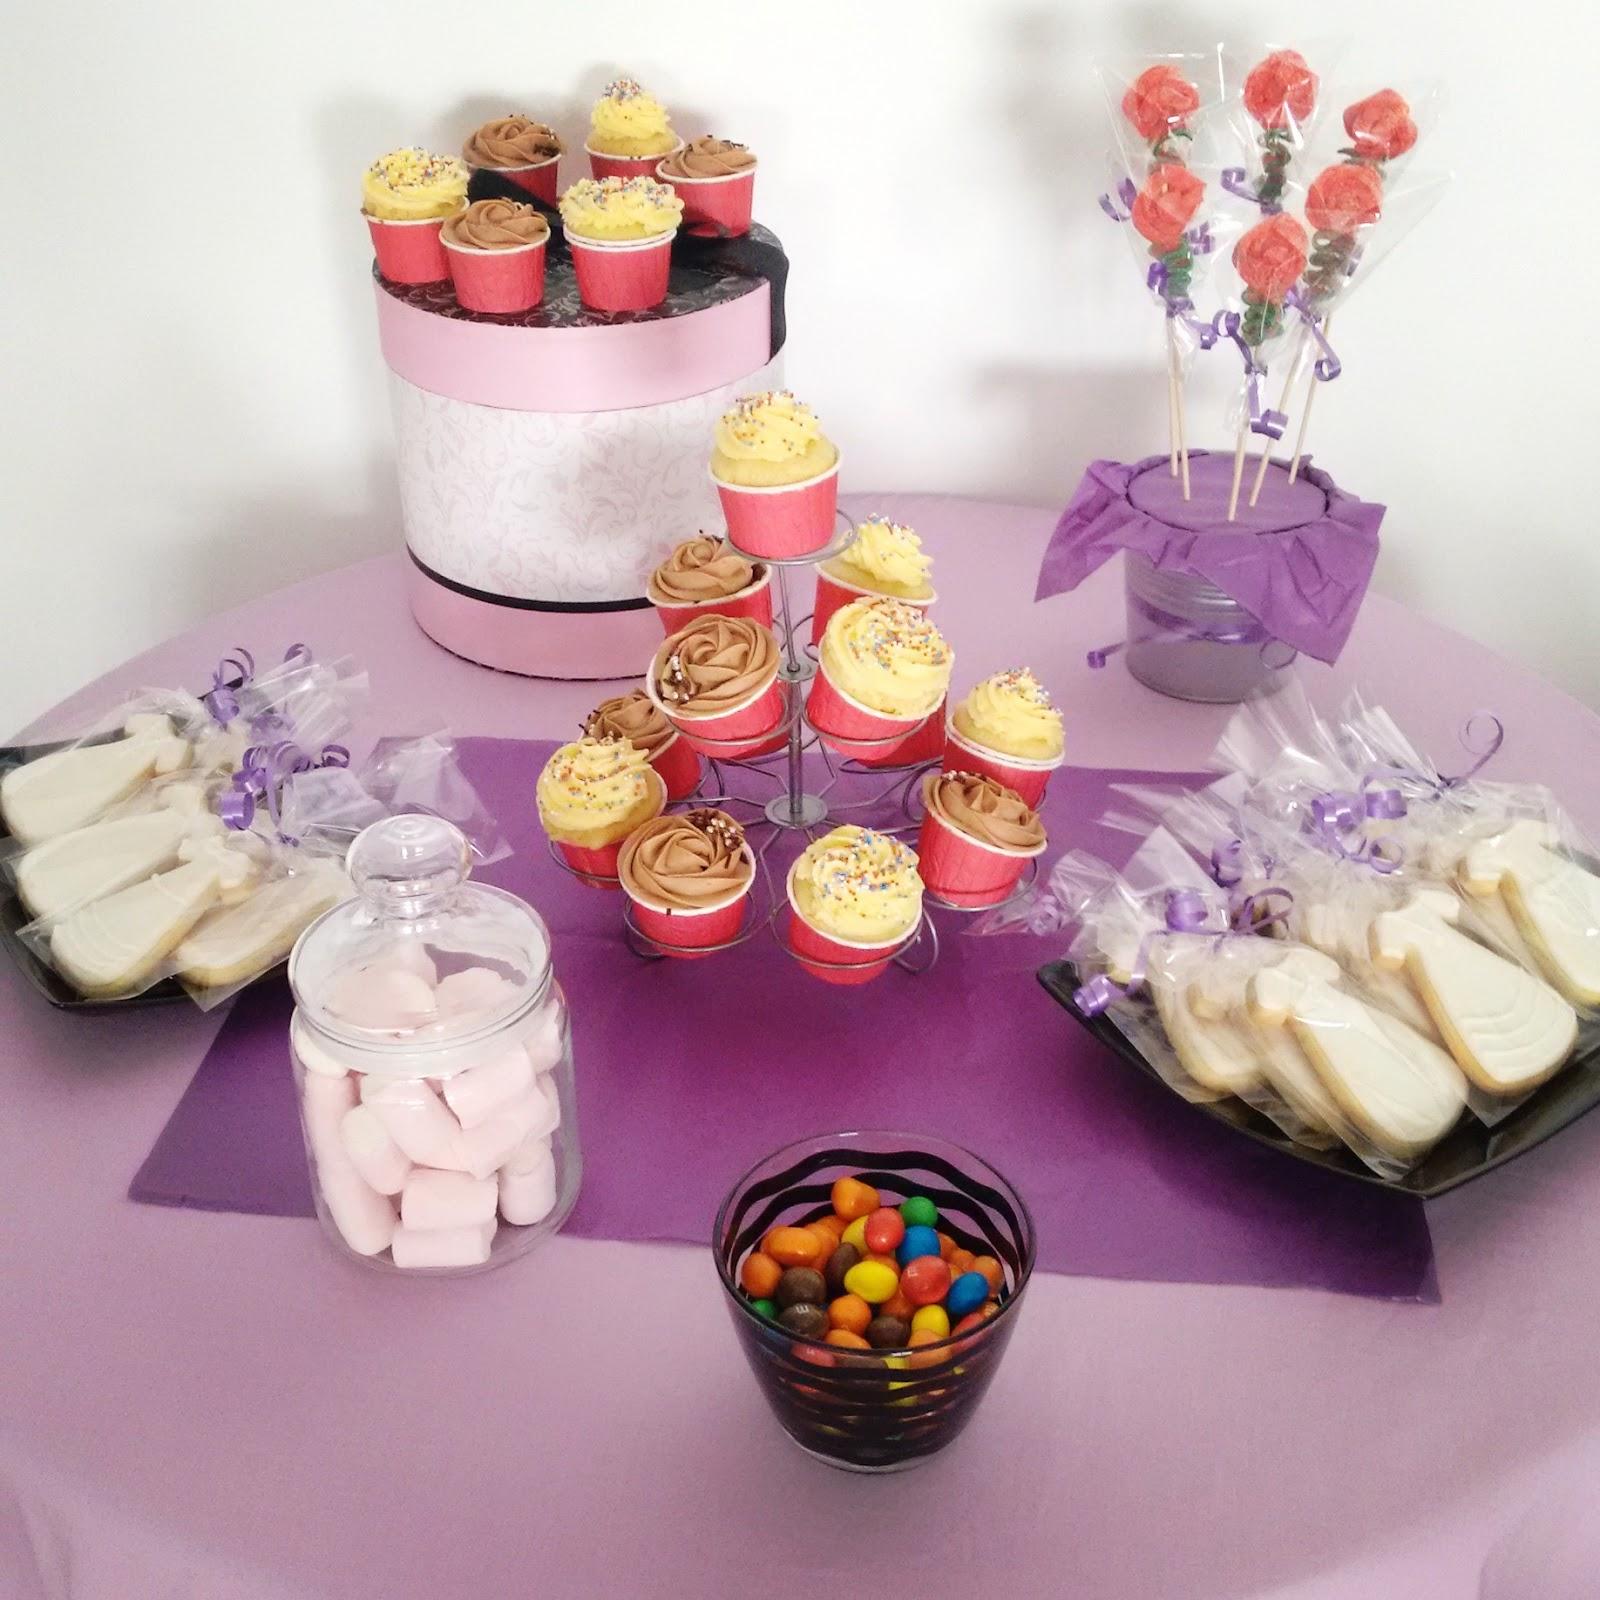 Candybytes mesa dulce sencilla - Ideas para decorar mesas de chuches ...